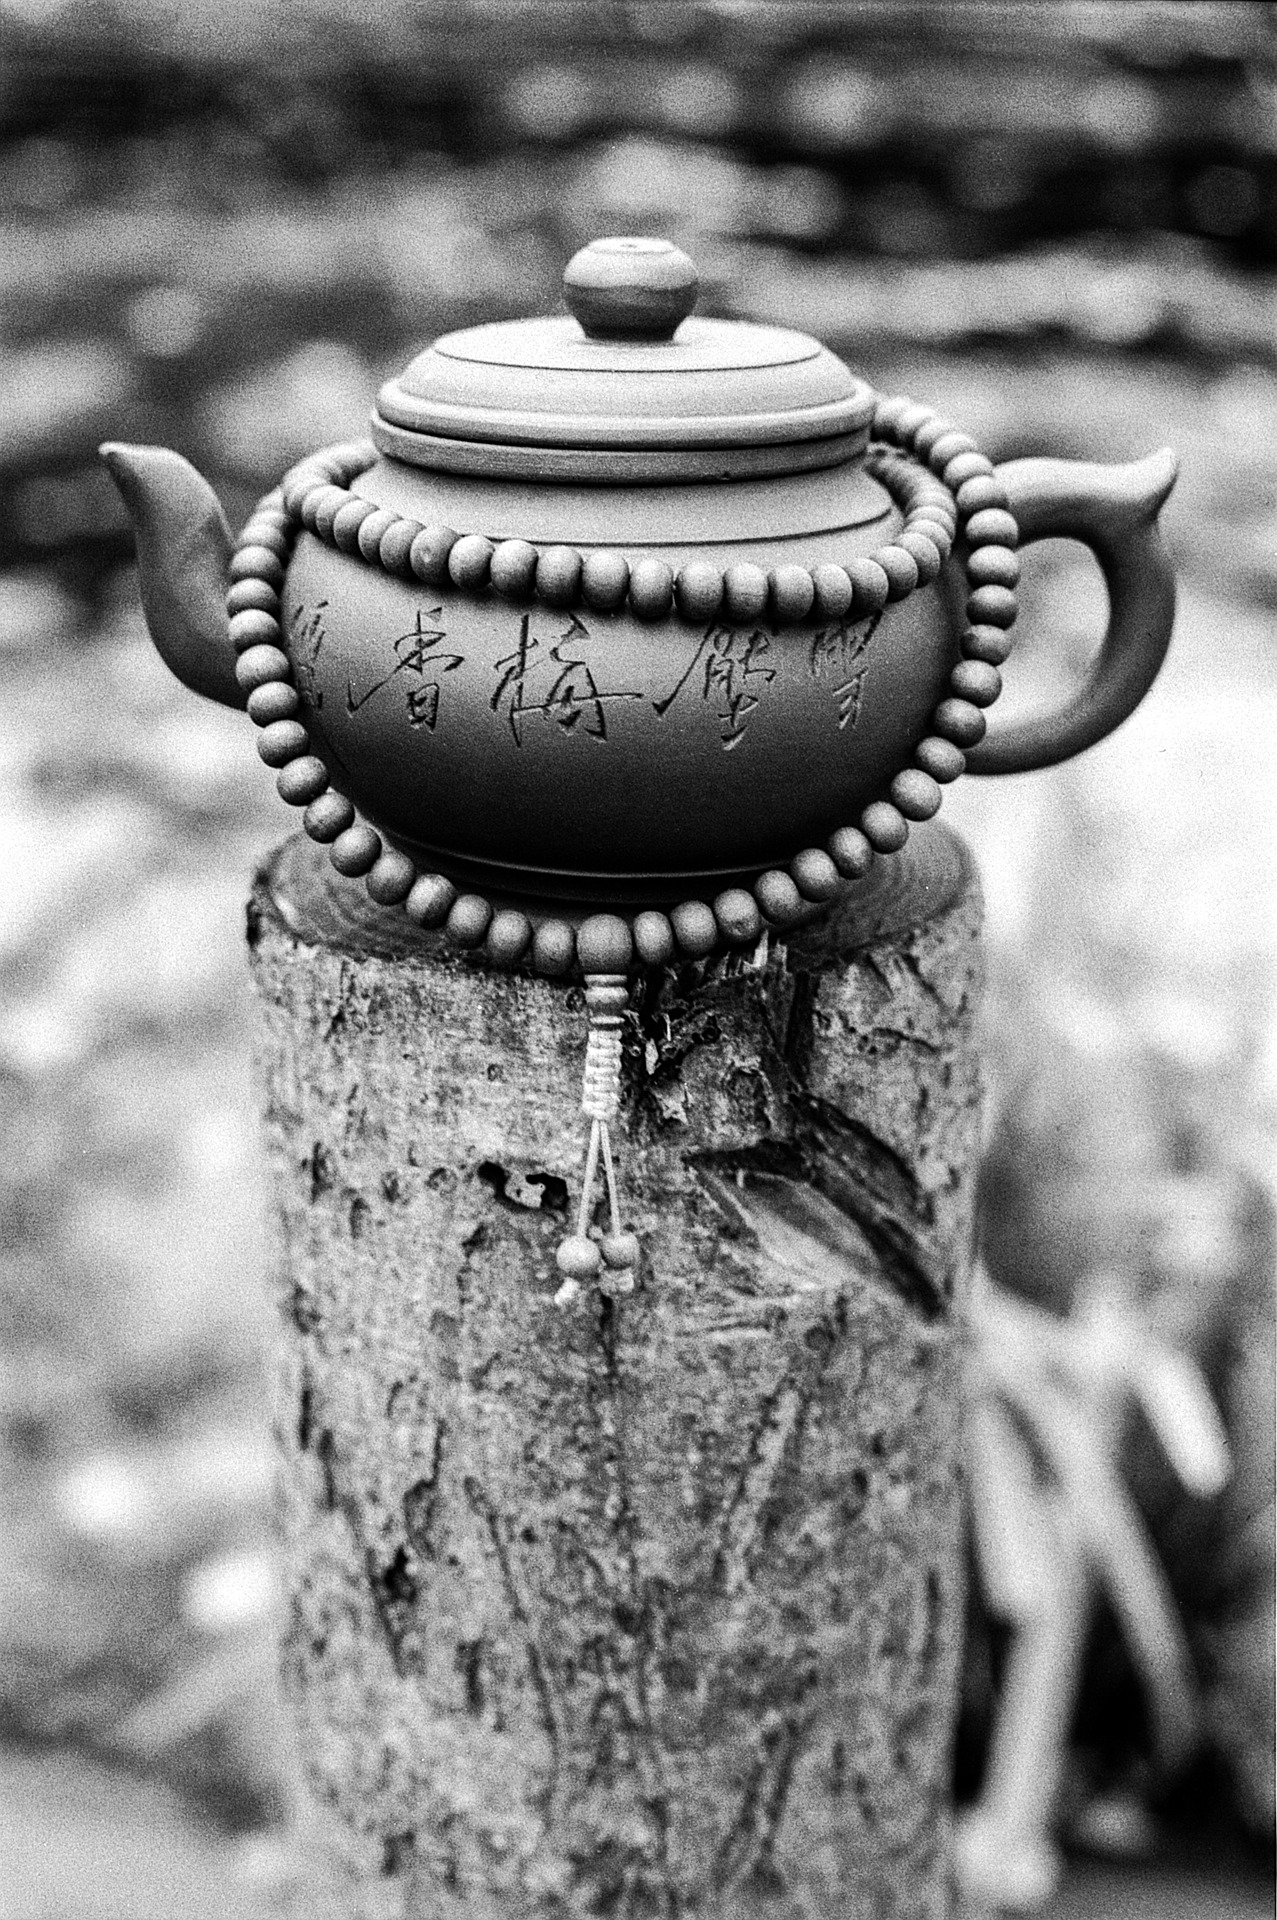 teapot-1281276_1920.jpg